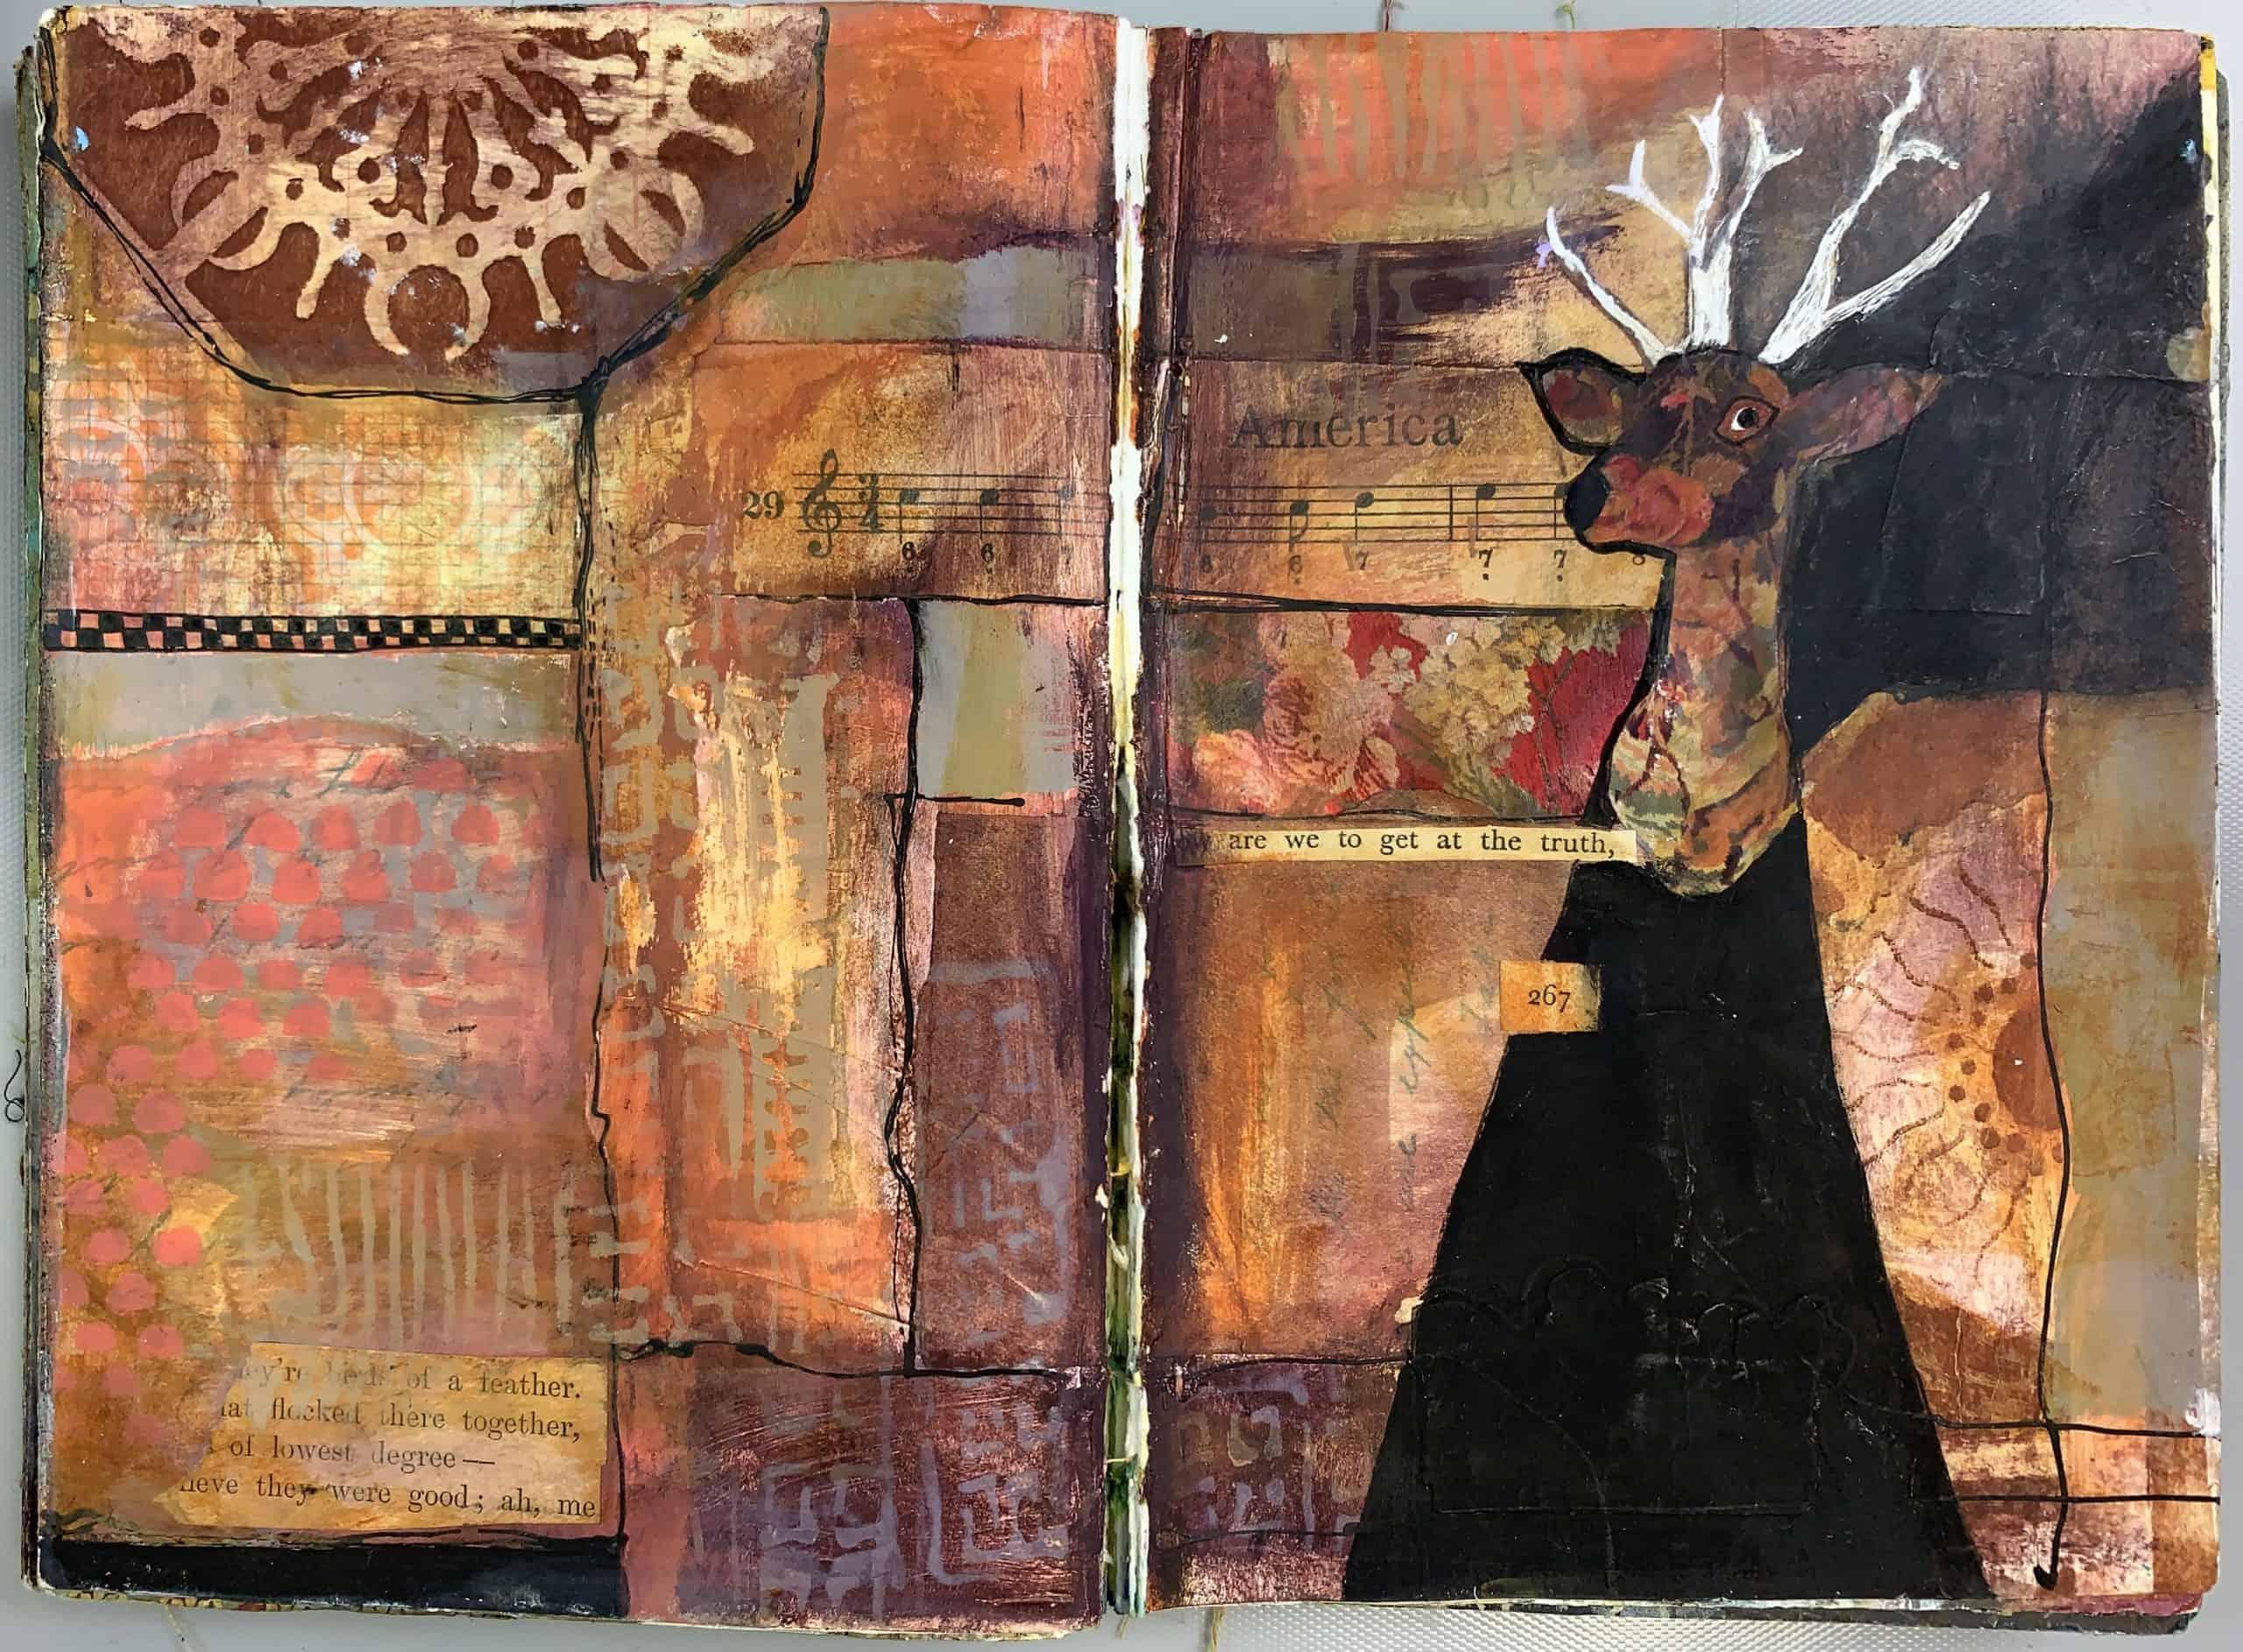 Mary Beth Shaw sketch work